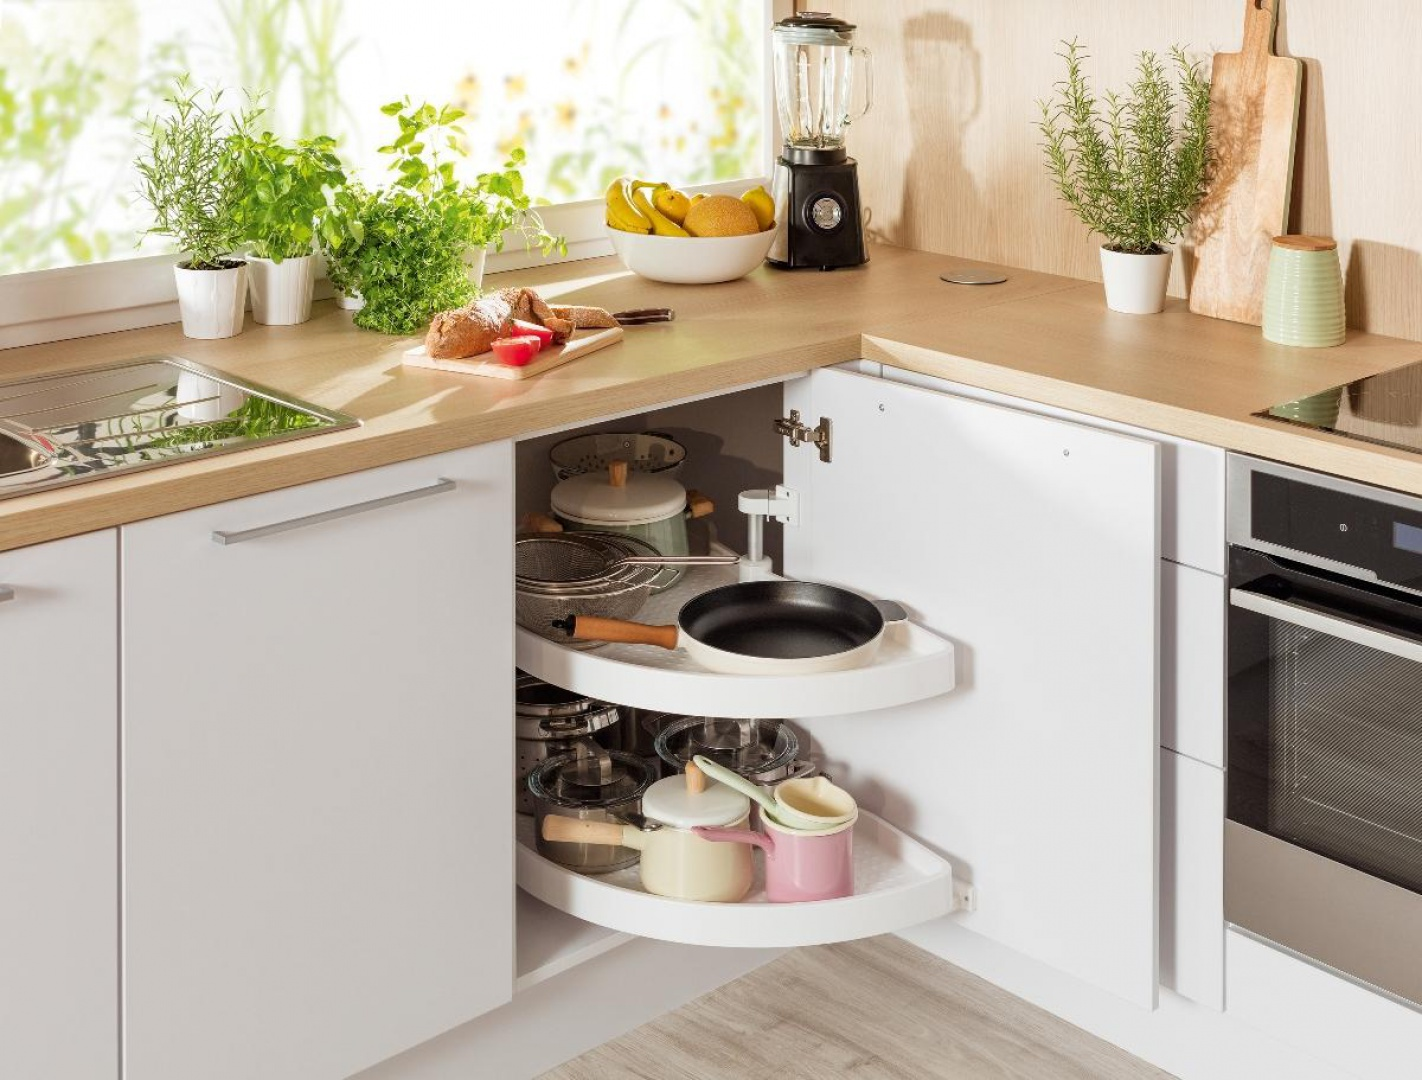 Sposób na przechowywanie w ciasnej kuchni. Fot. Häfele